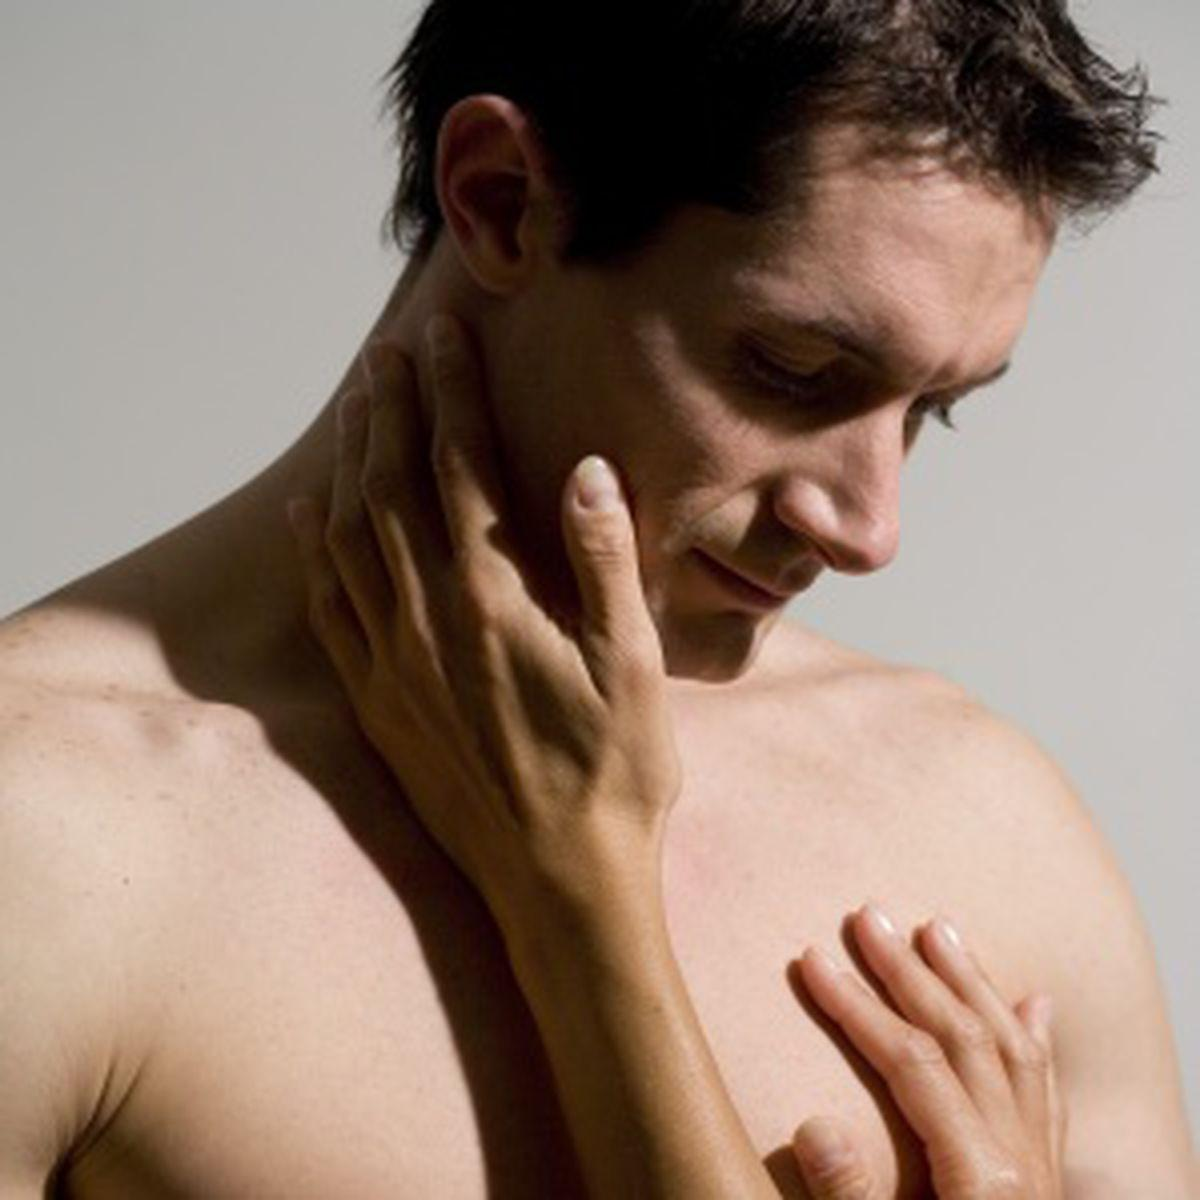 erecție incompletă în timpul actului sexual